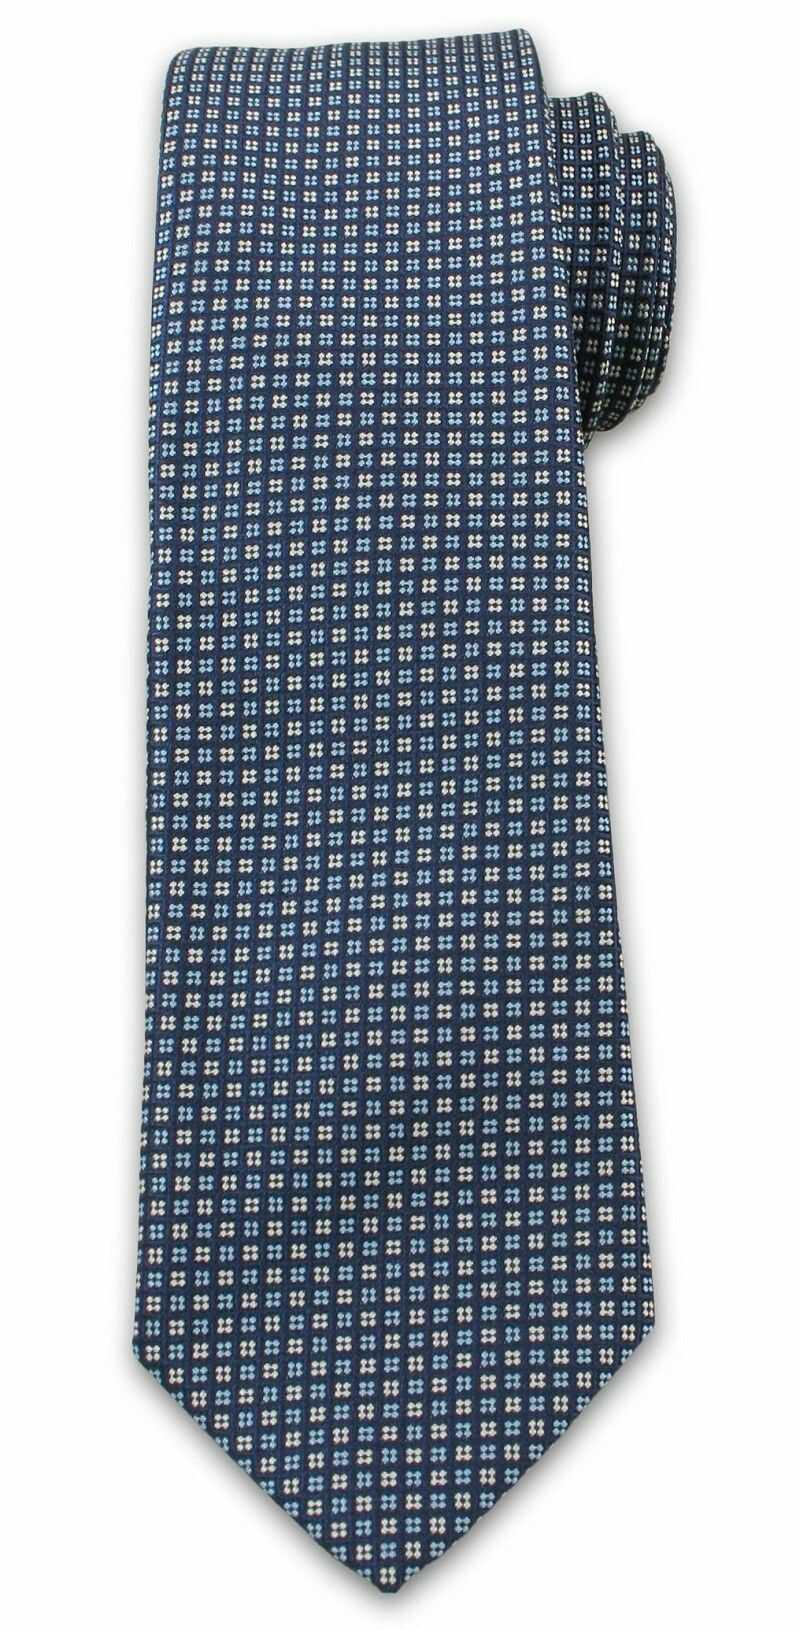 Wyrazisty Krawat Męski w Drobny Wzór, Kwadraciki, Chattier, Granatowo-Niebieski KRCH1012